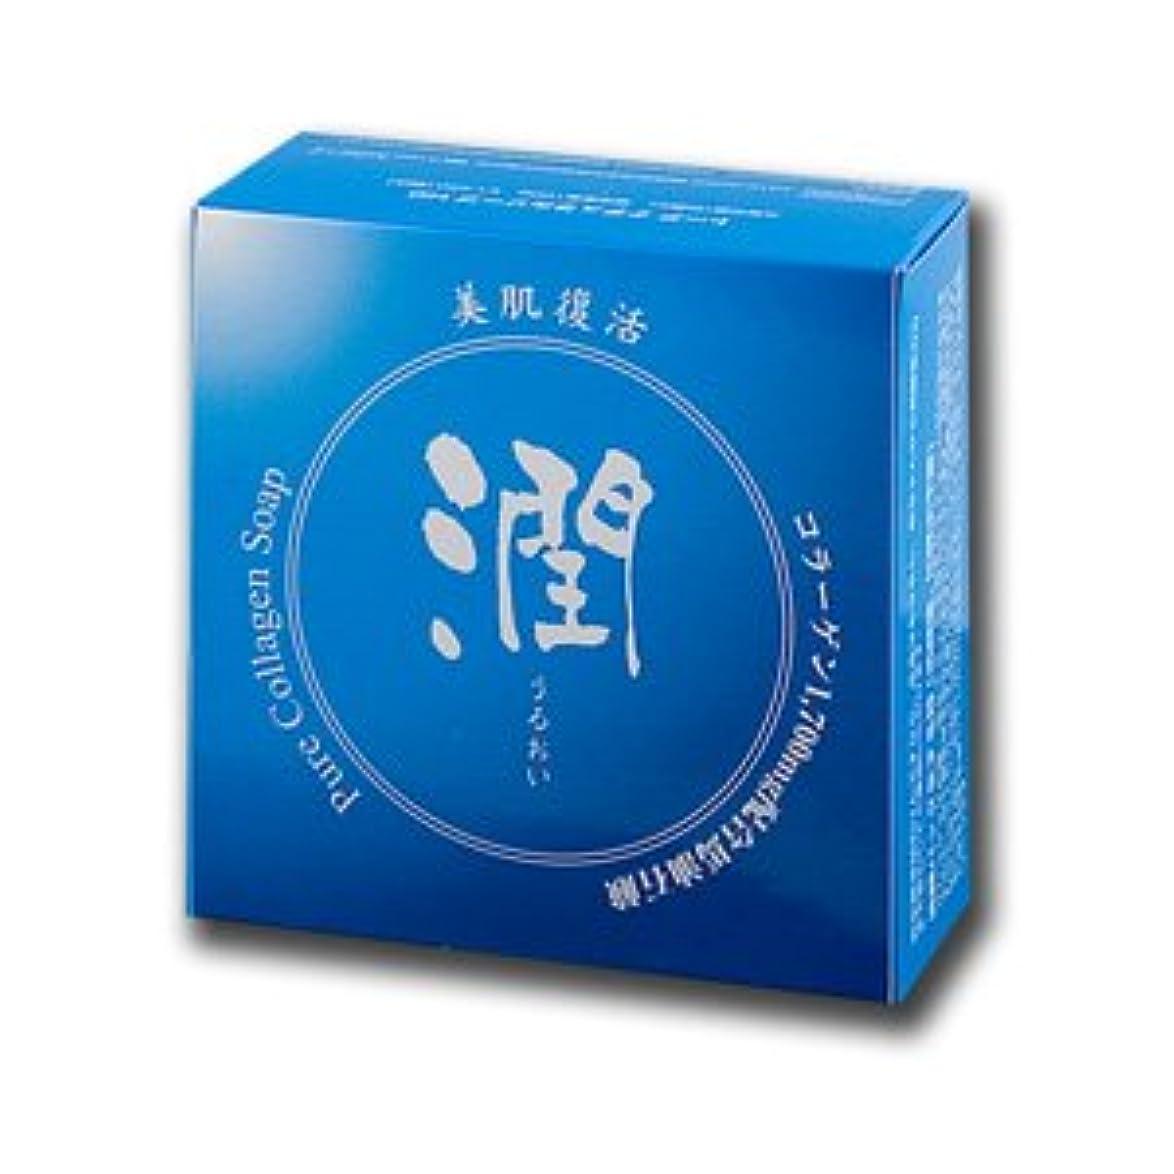 落ち込んでいるガジュマルステンレスコラーゲン馬油石鹸 潤 100g (#800410) ×6個セット